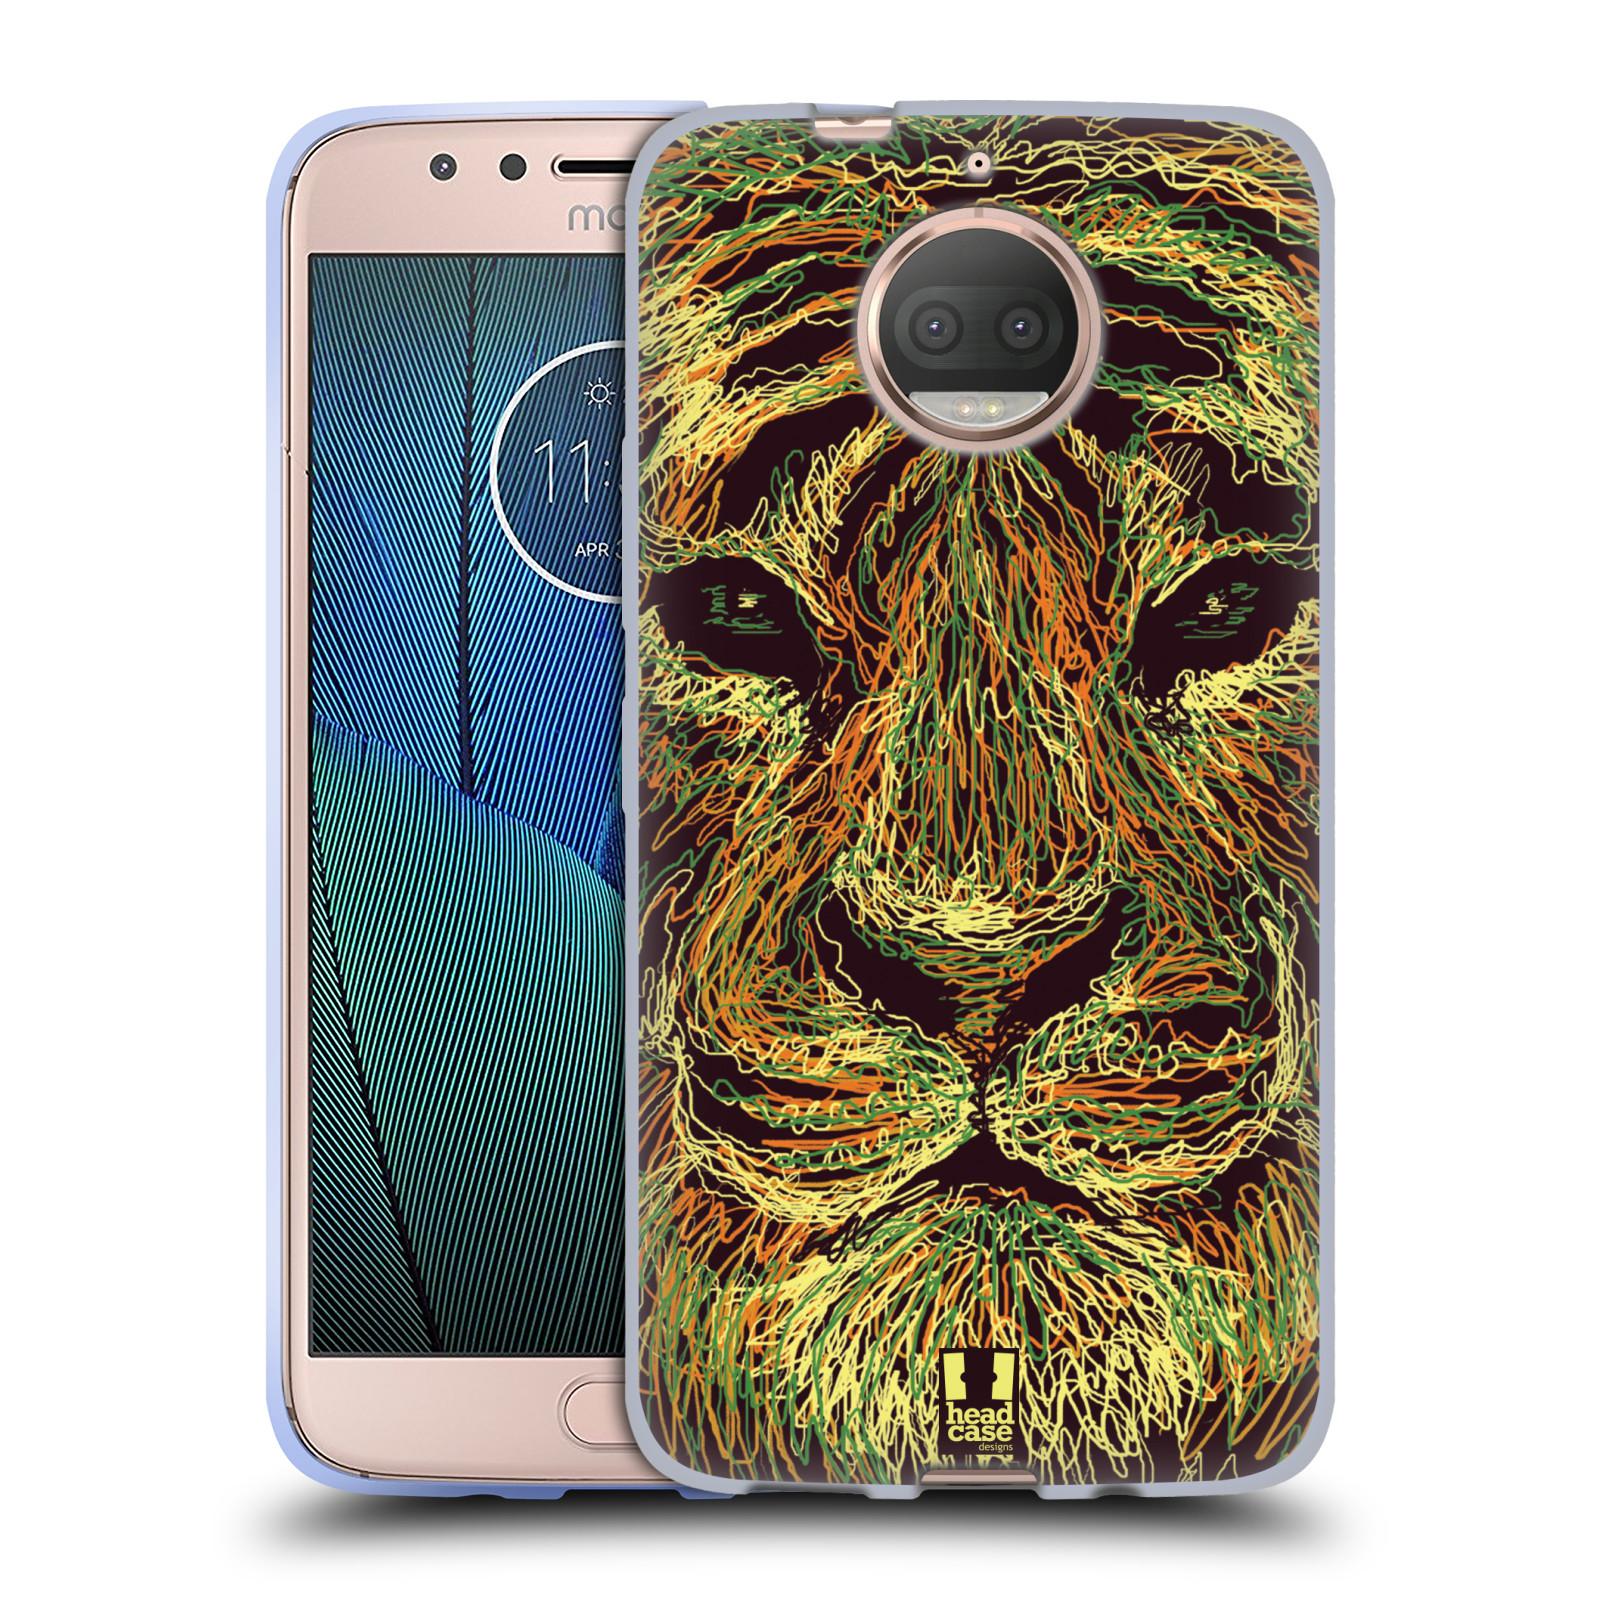 HEAD CASE silikonový obal na mobil Lenovo Moto G5s PLUS vzor zvíře čmáranice tygr